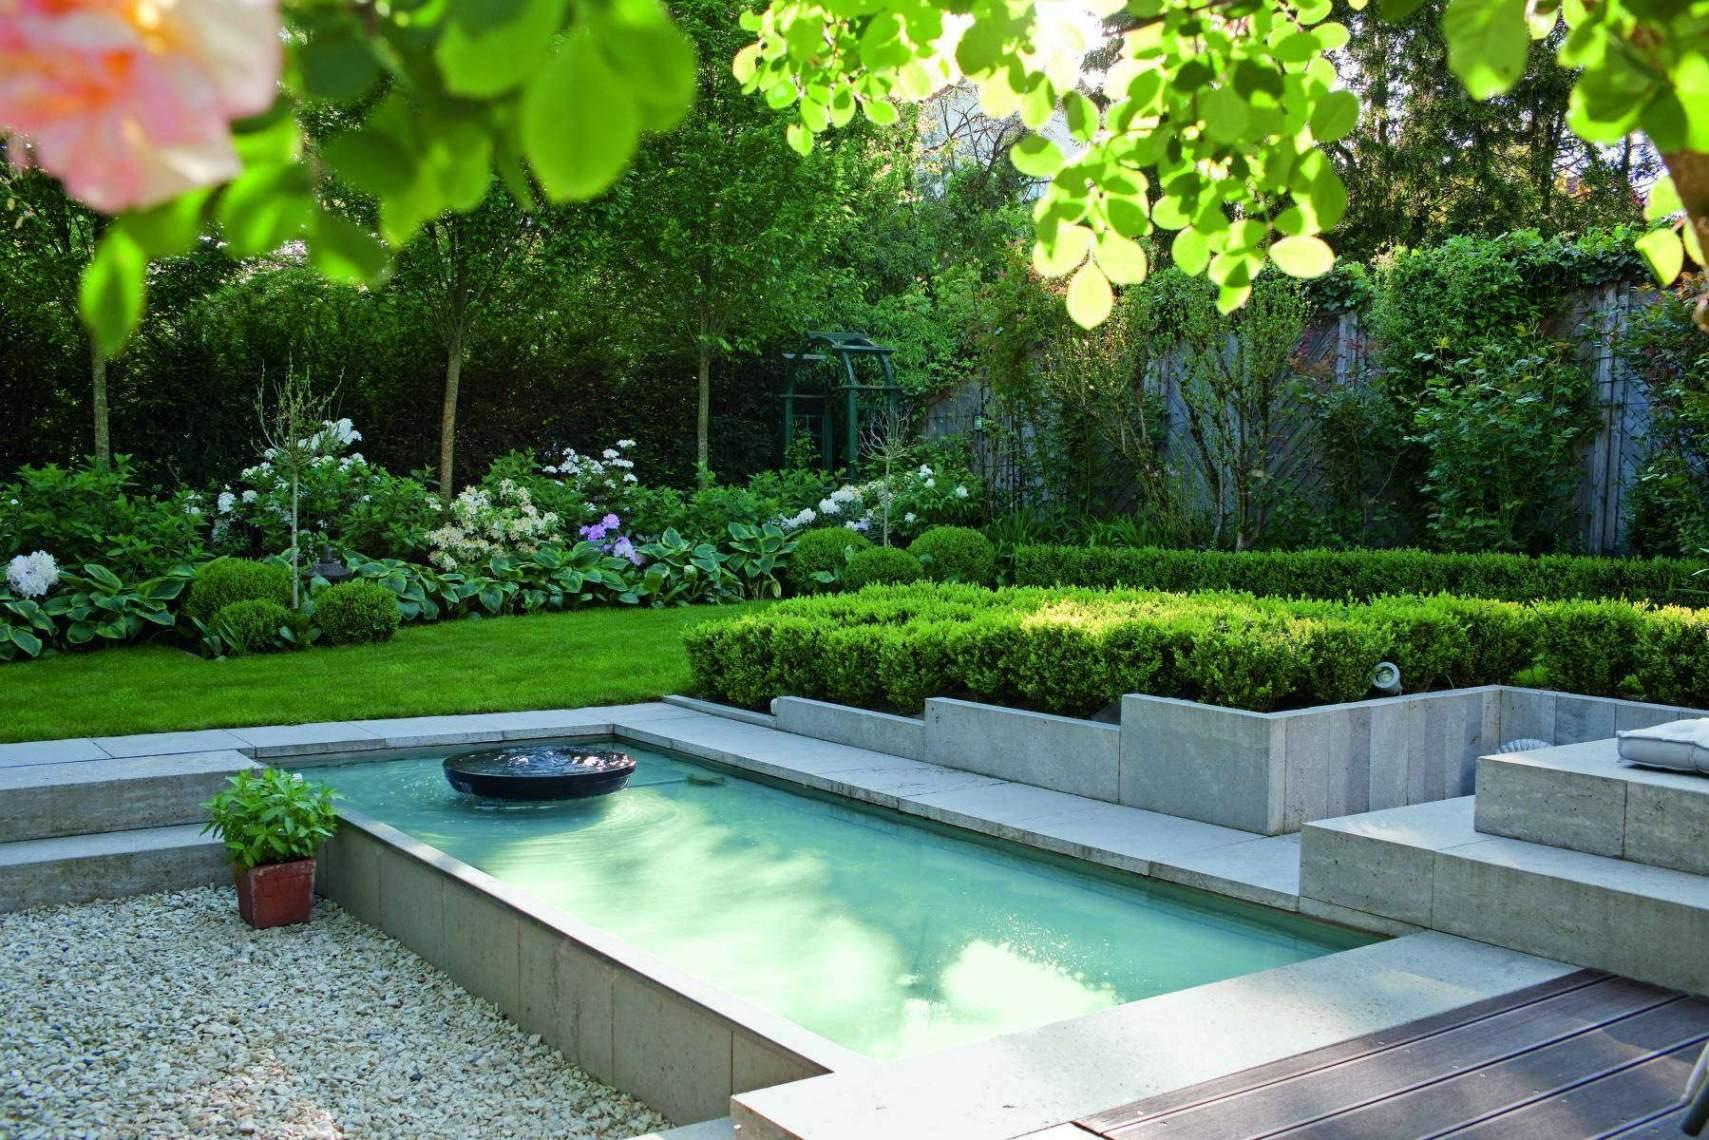 garten ideen gunstig luxus weiser garten pflanzplan temobardz home blog of garten ideen gunstig